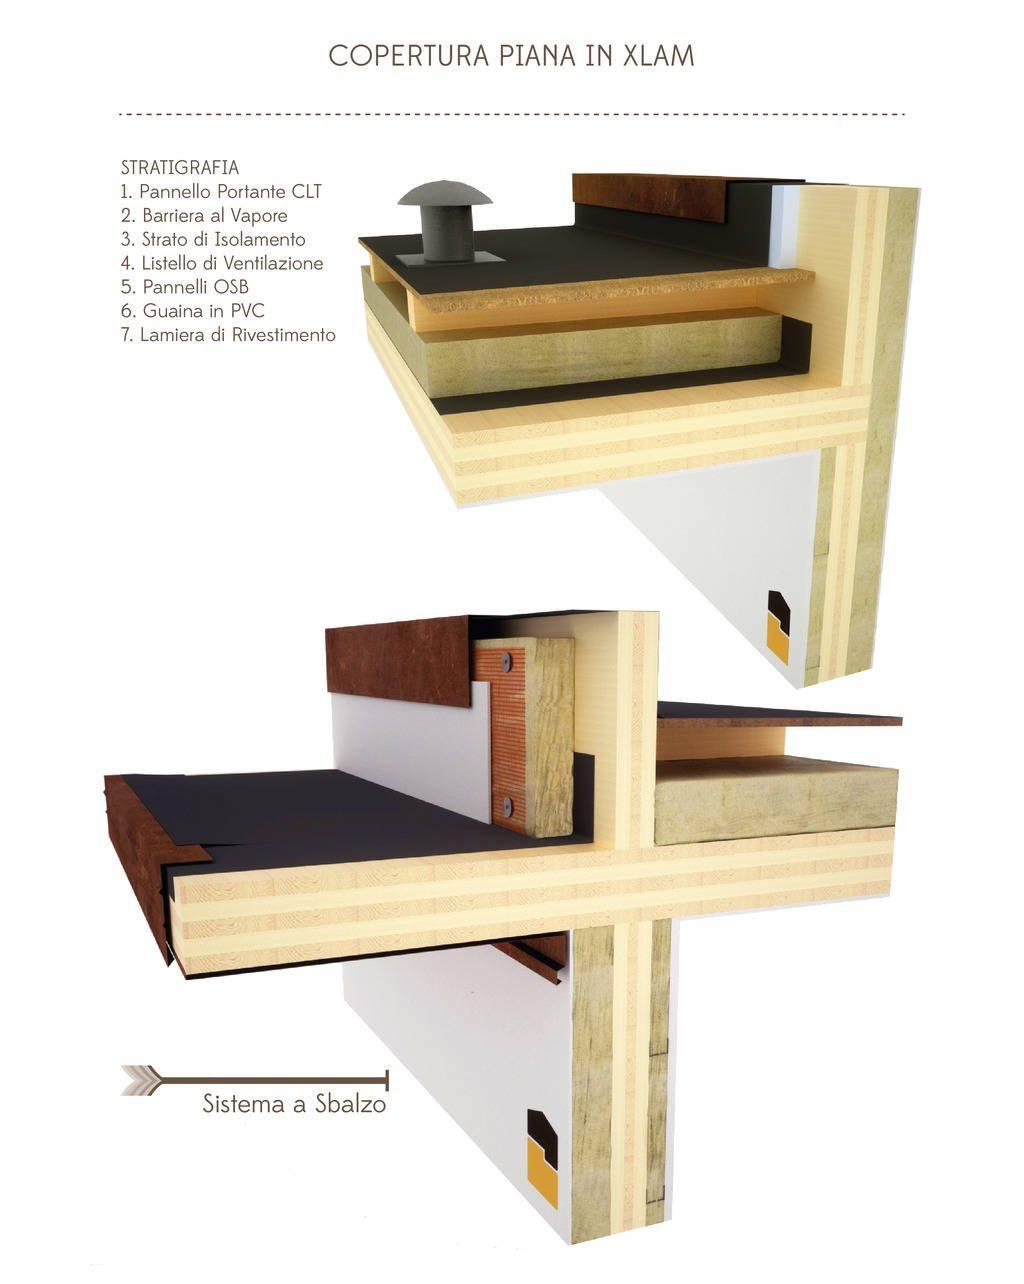 Dettagli costruttivi xlam copertura piana gandelli group for Copertura piana in legno dwg